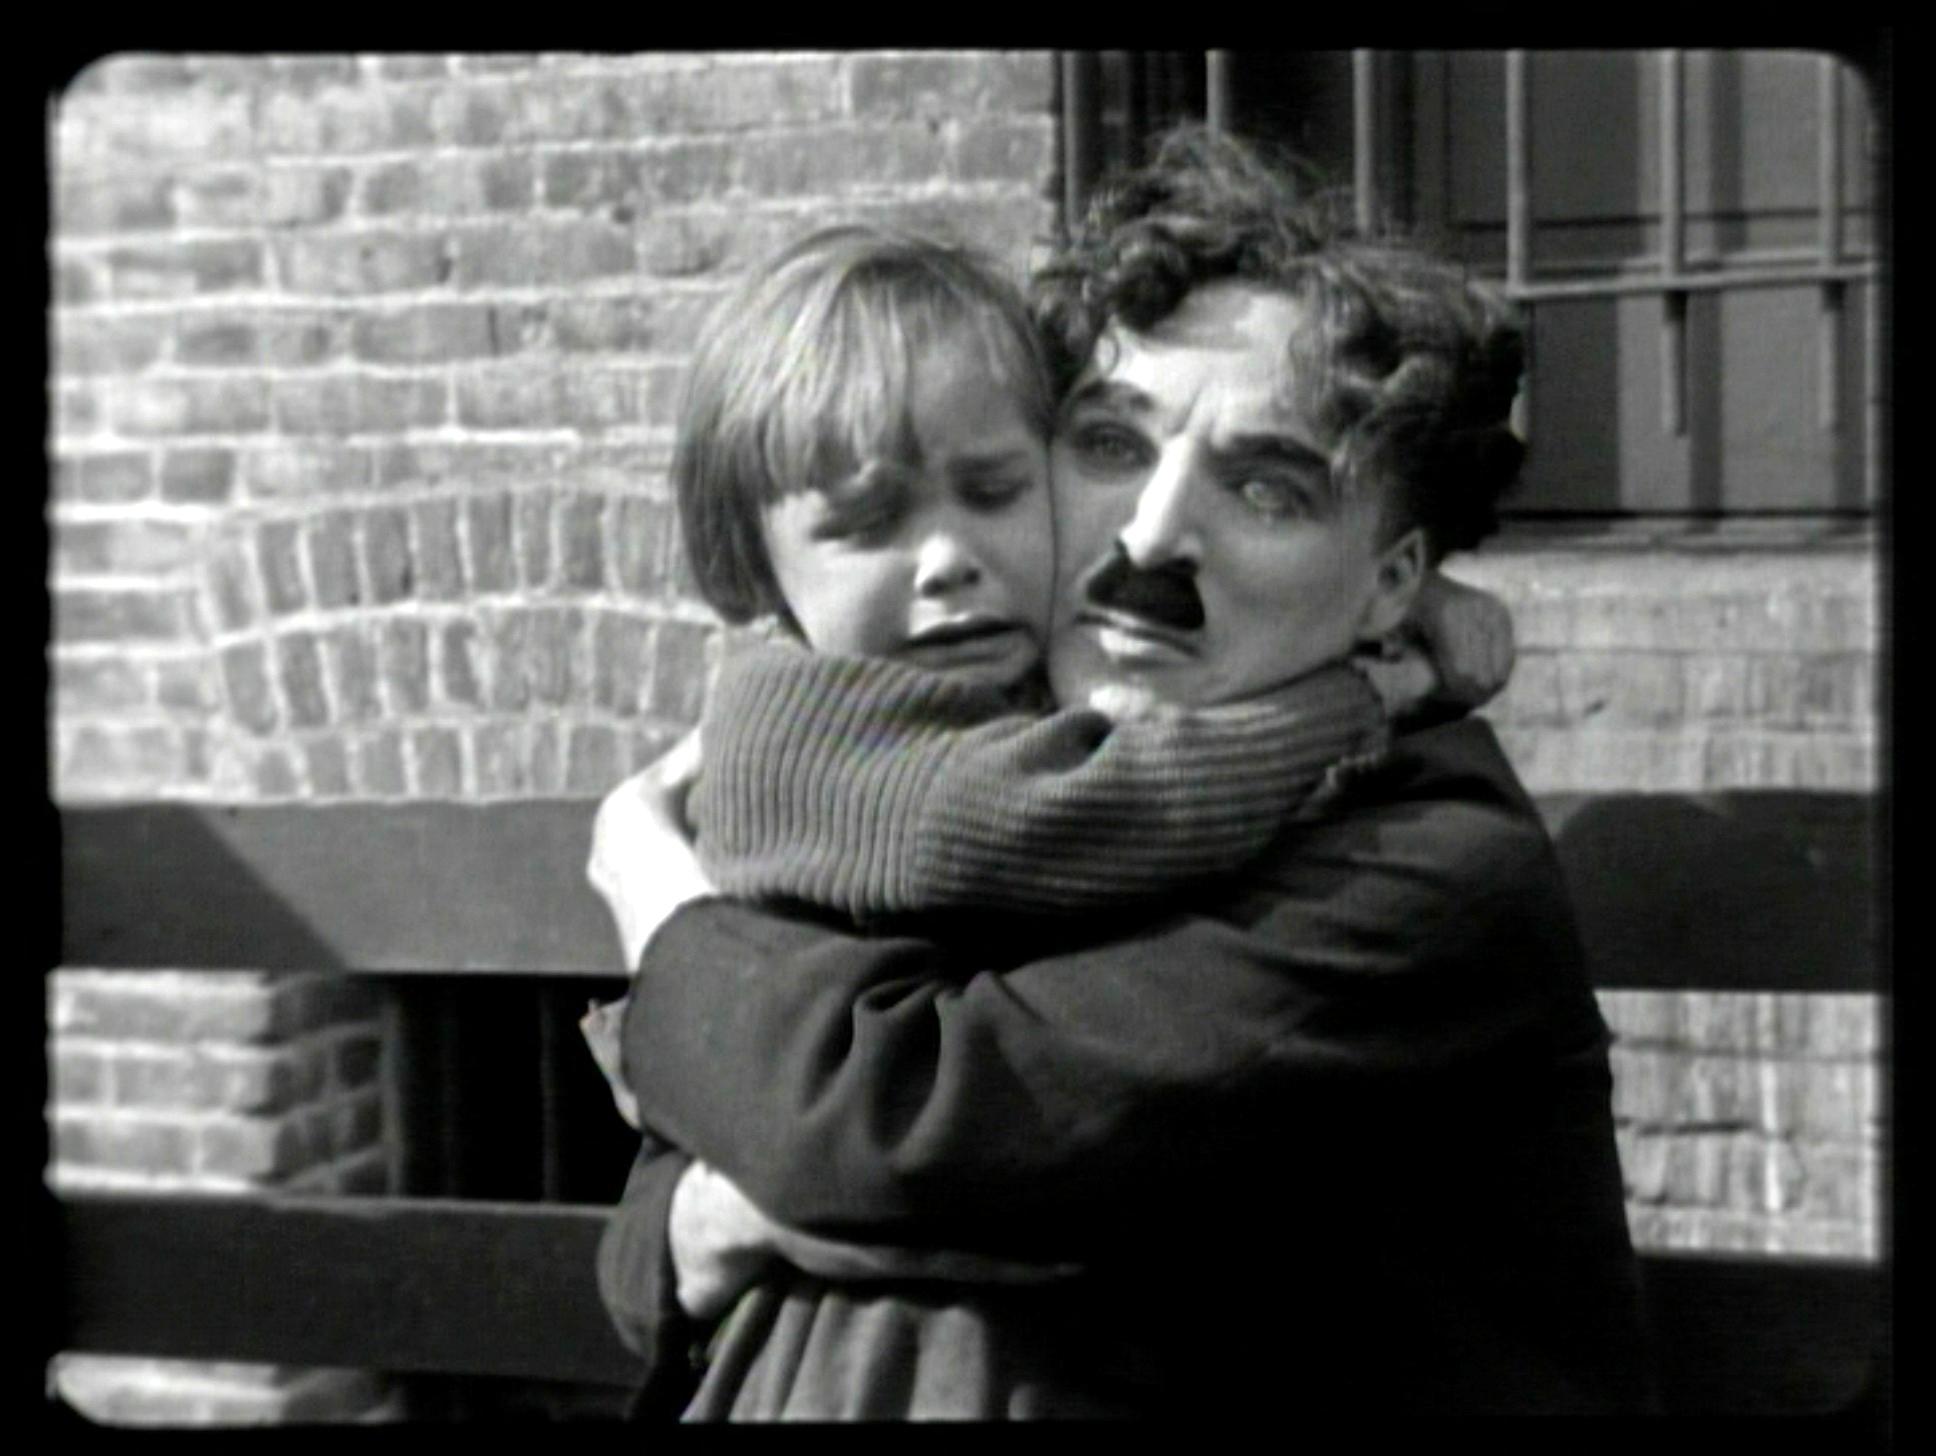 Los padres en el cine: 10 películas indispensables que homenajean al padre  - Blog de Derrama Magisterial para el magisterio